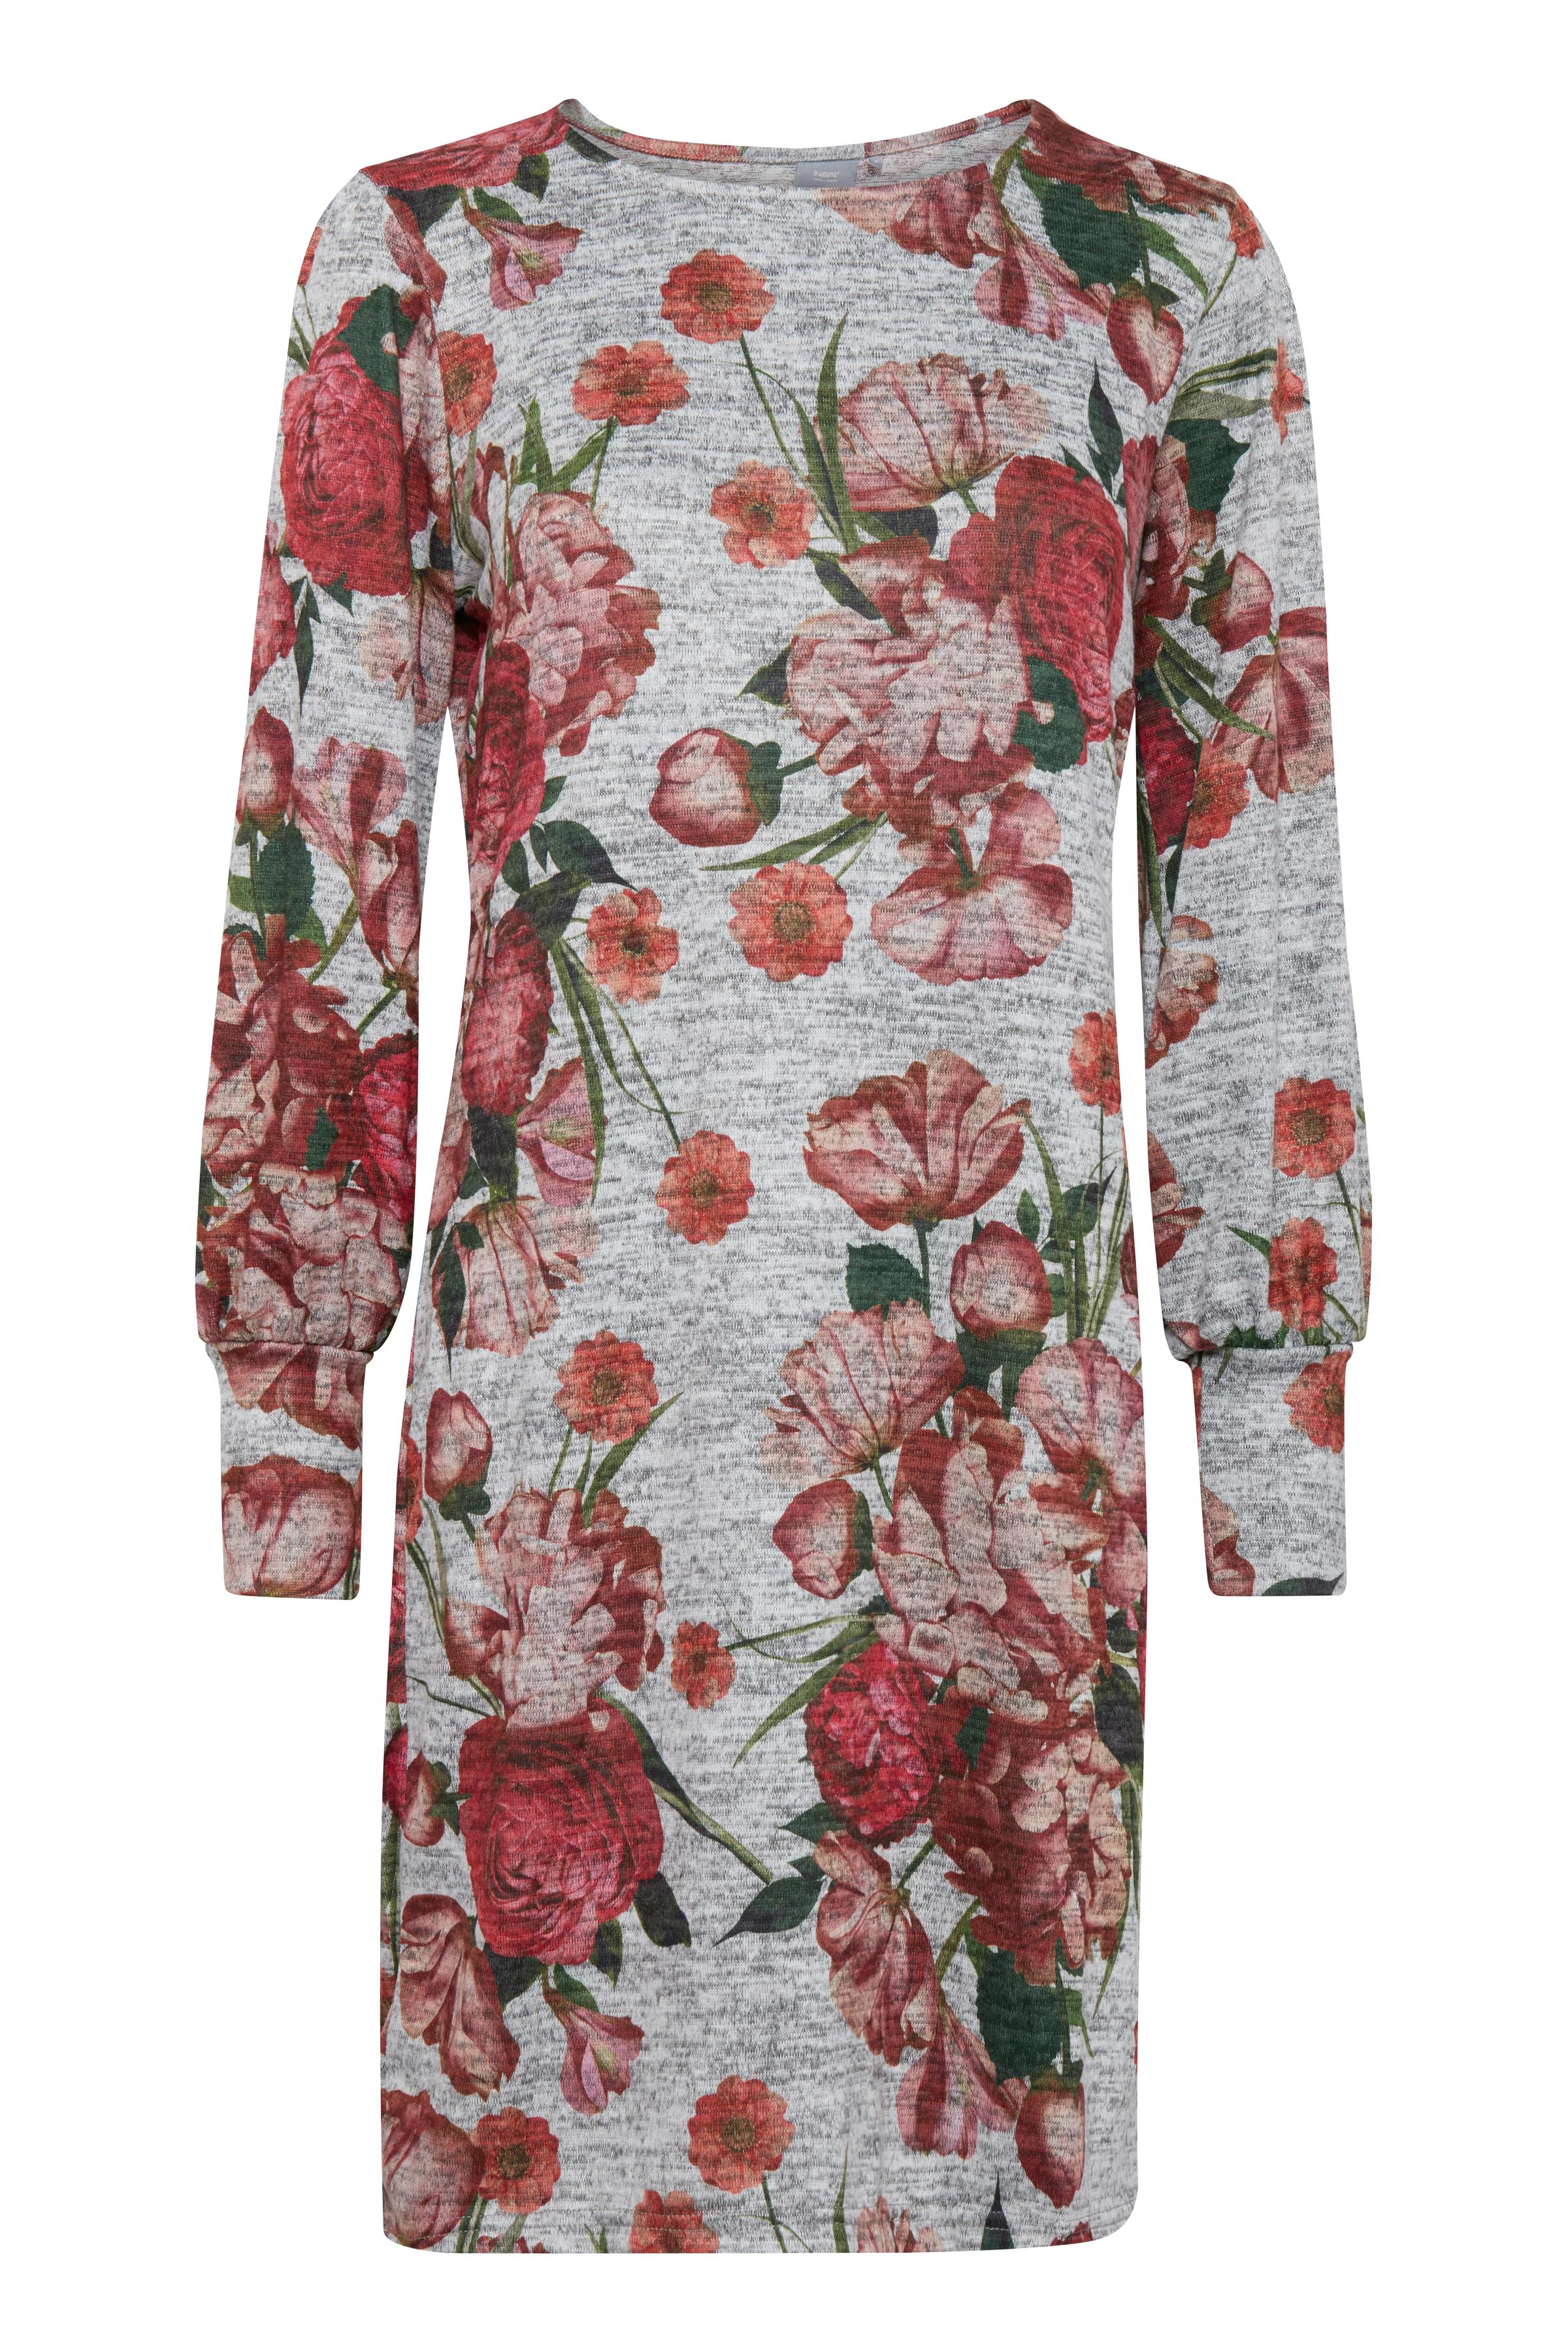 Gråmelerad/röd Jerseyklänning från b.young – Köp Gråmelerad/röd Jerseyklänning från storlek XS-XXL här